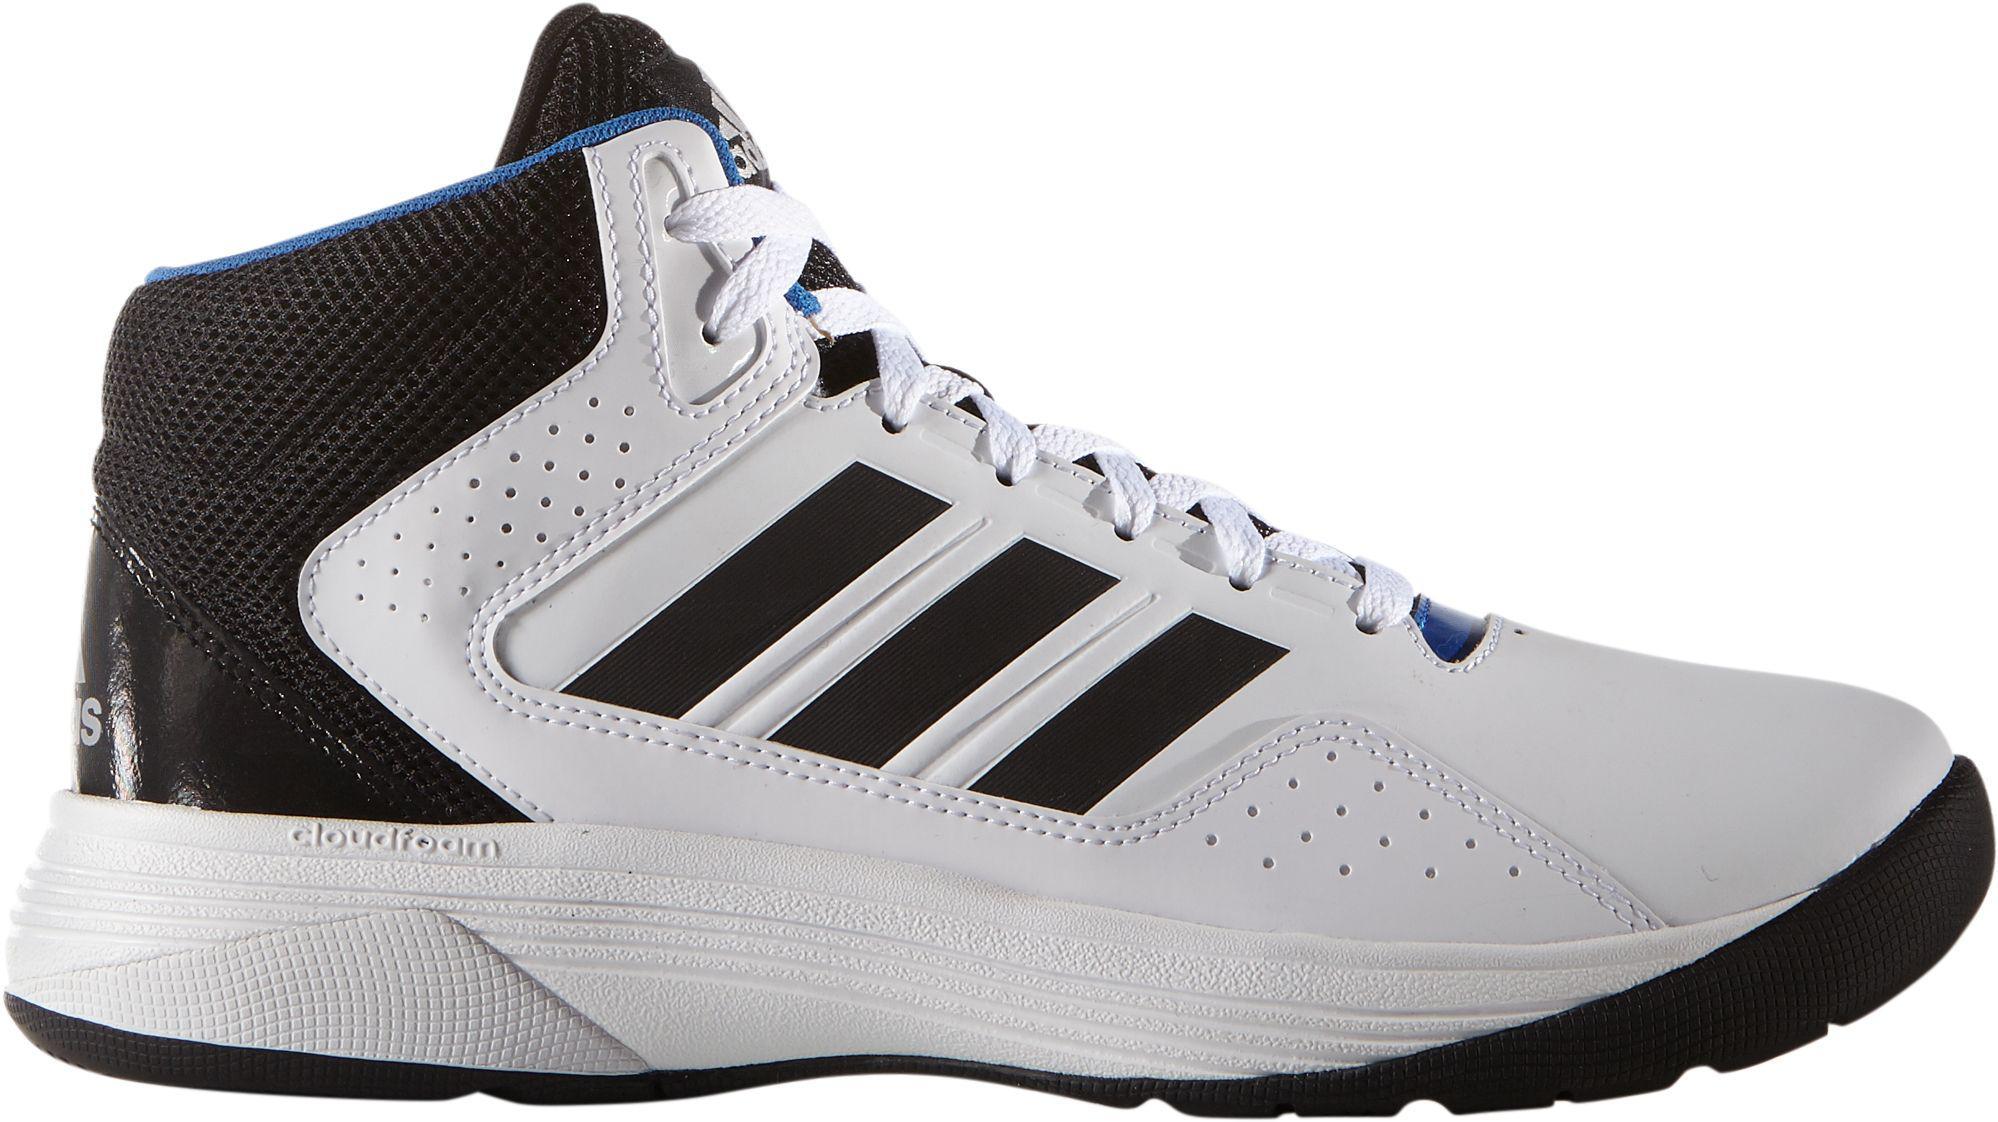 7a41dbcb67dd Lyst - adidas Neo Cloudfoam Ilation Mid Basketball Shoes in Black ...